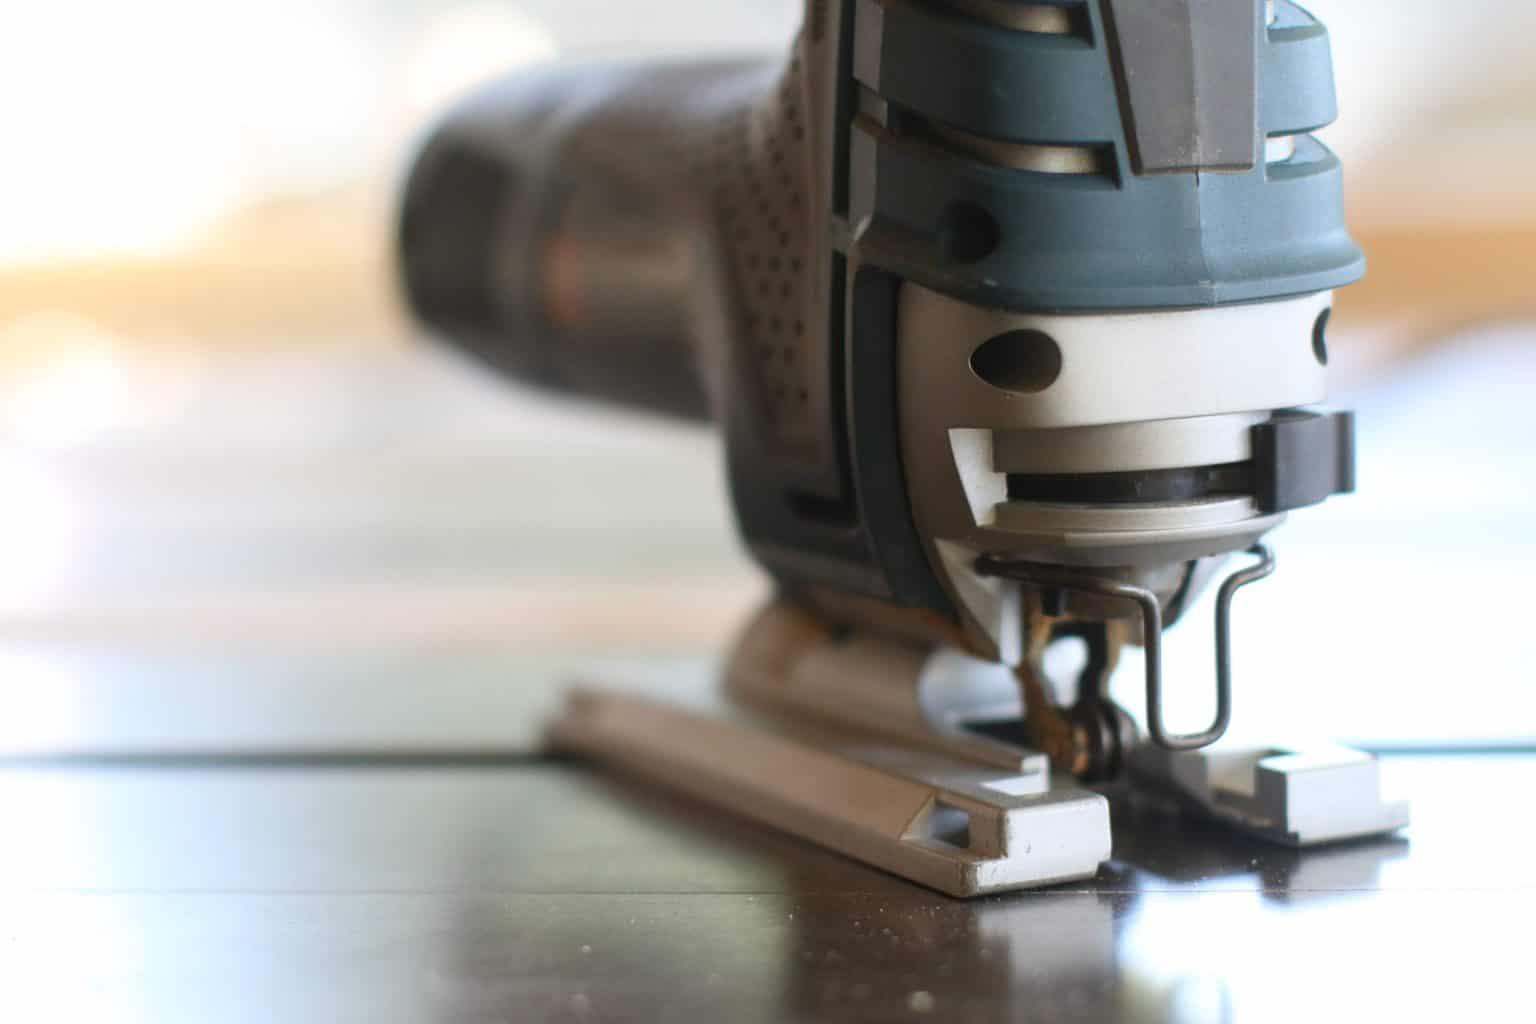 Jigsaw on a laminate floor